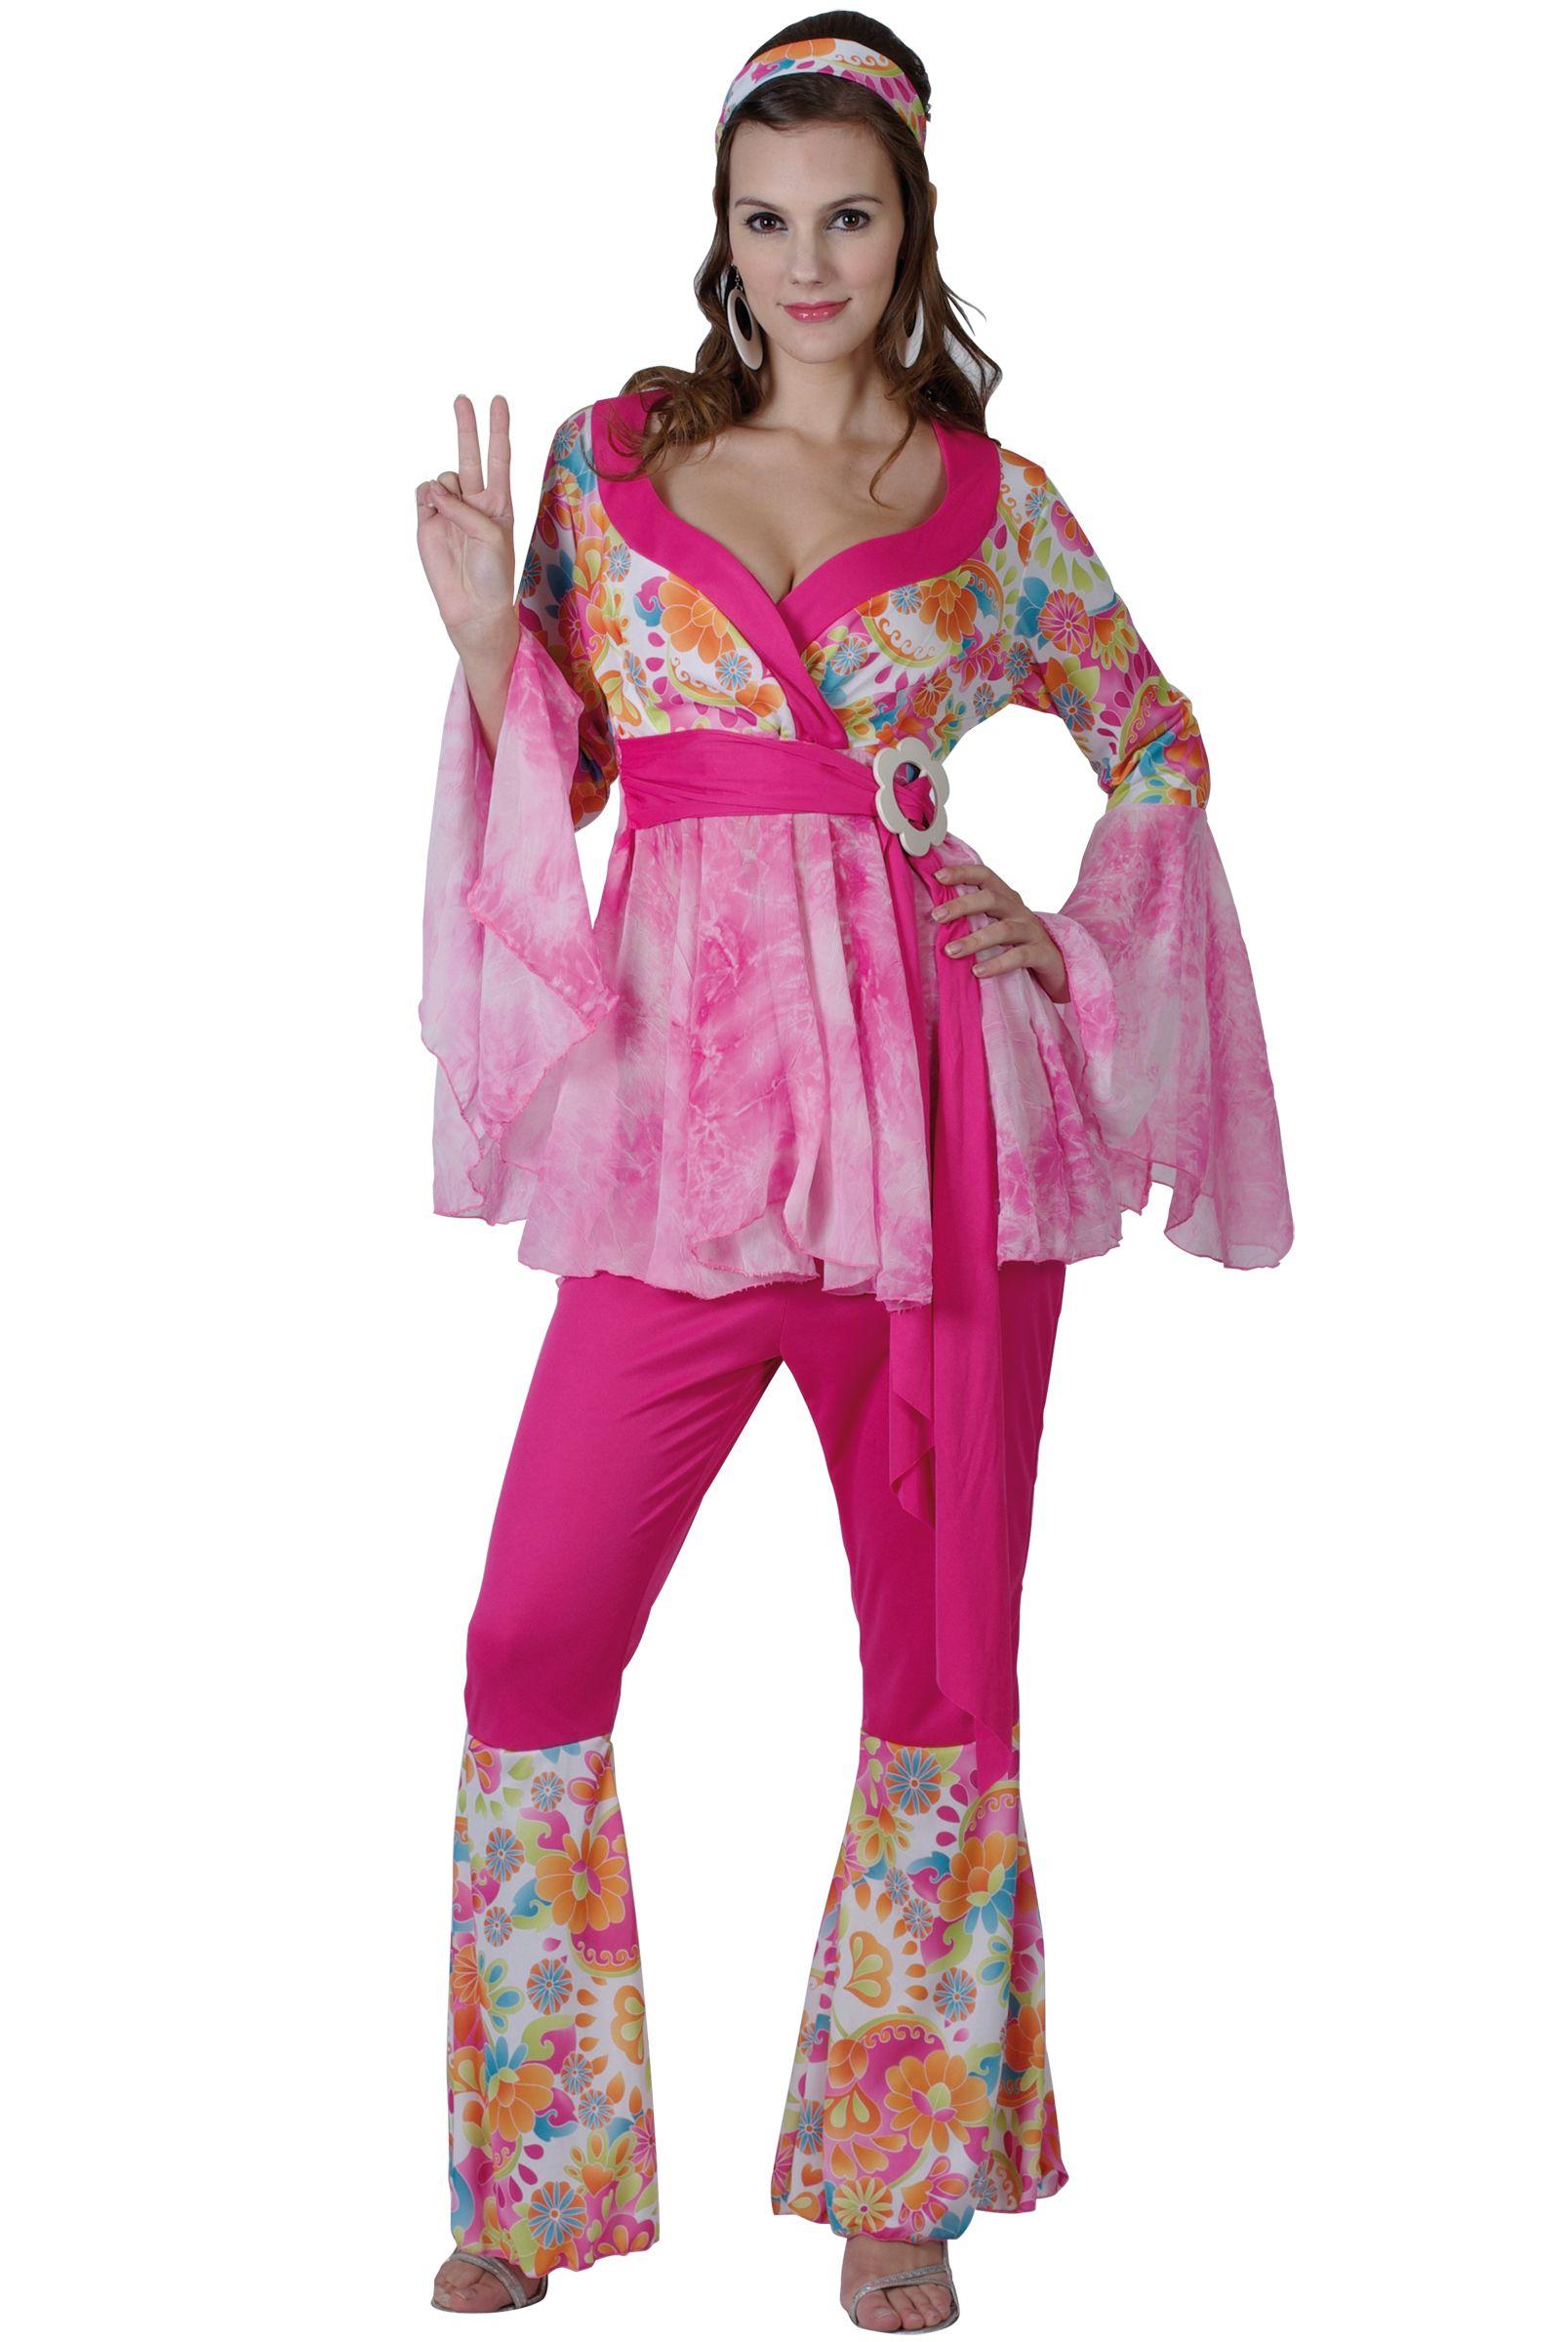 Roze hippiekostuum voor dames | Temas de fiesta, Hippies y Fiestas